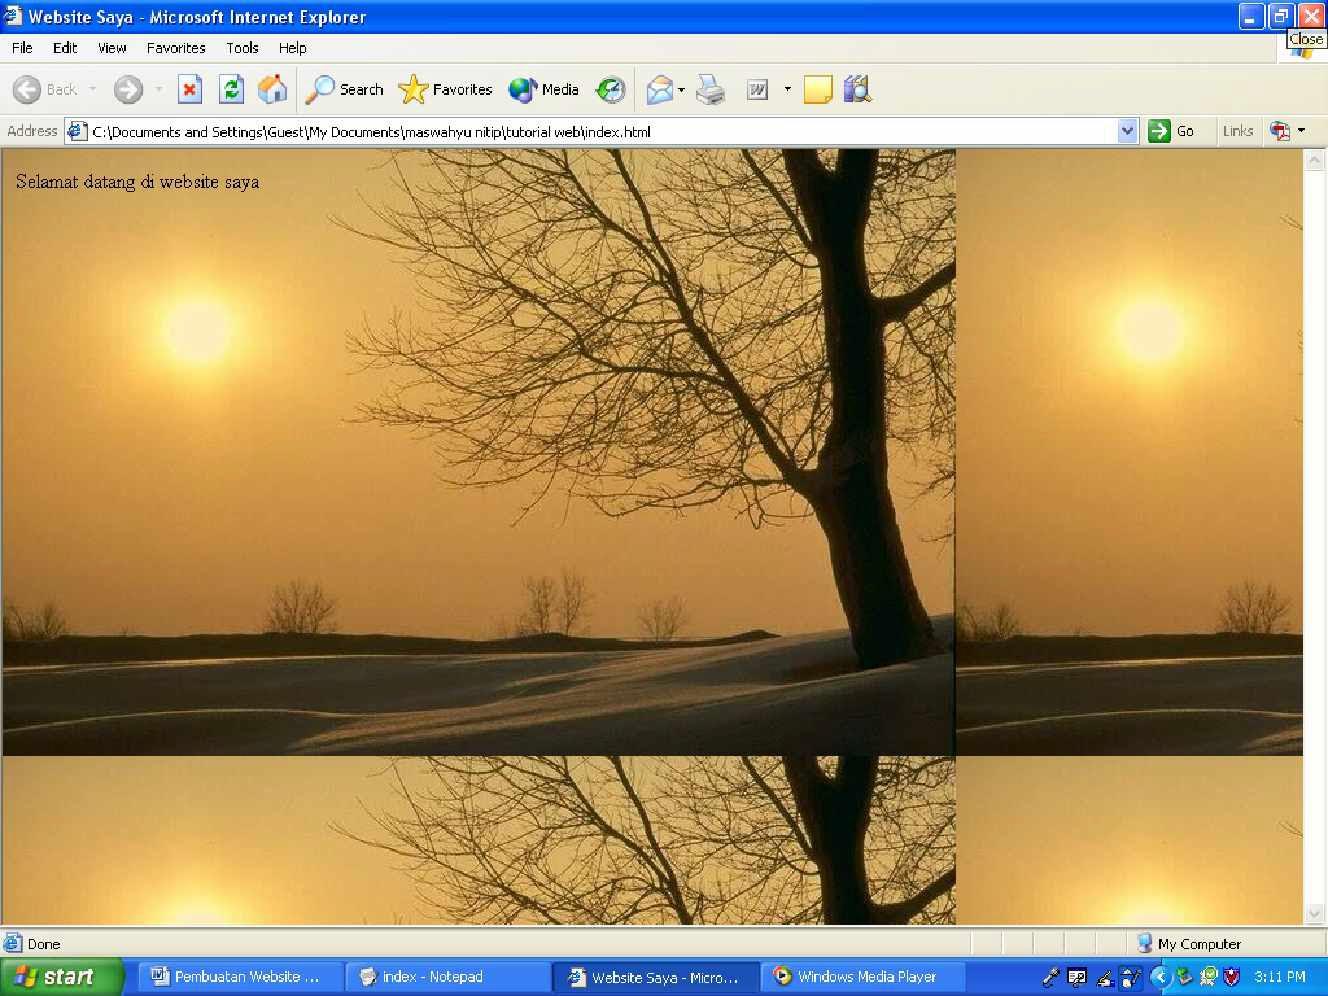 ... diingat bahwa menggunakan gambar sebagai background halaman website